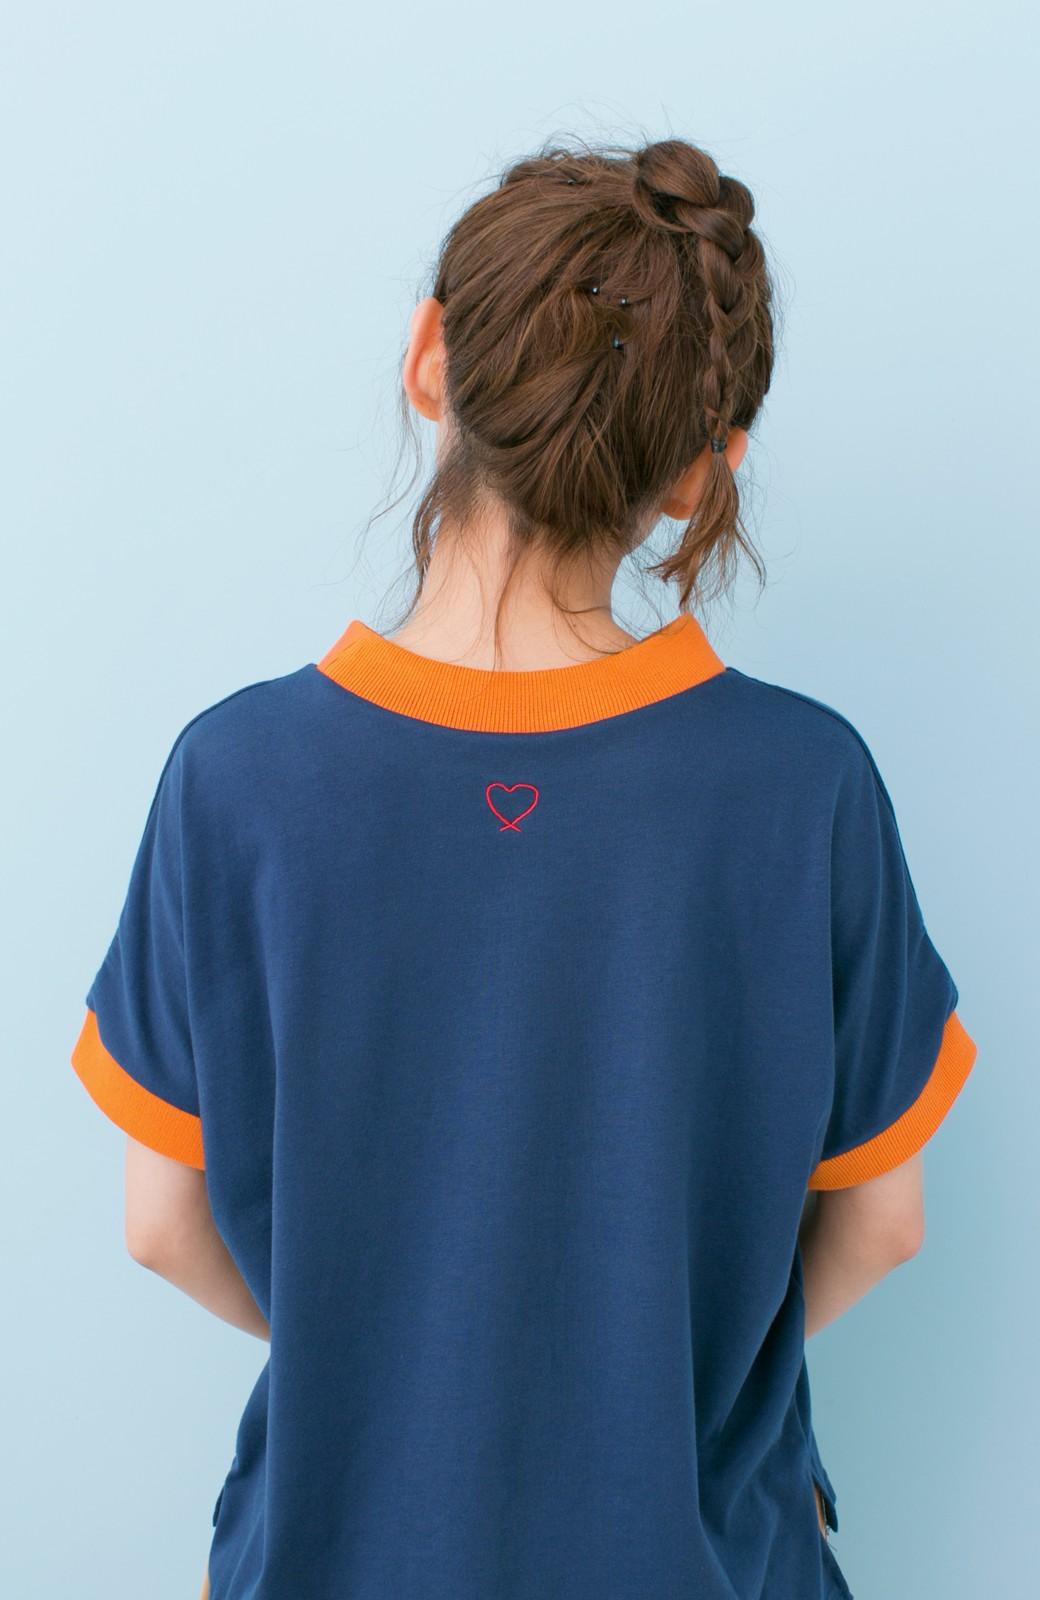 haco! PBP 高橋愛さんコラボ 手描きハート刺しゅうがかわいいコットンリンガーTシャツ <ネイビー>の商品写真14